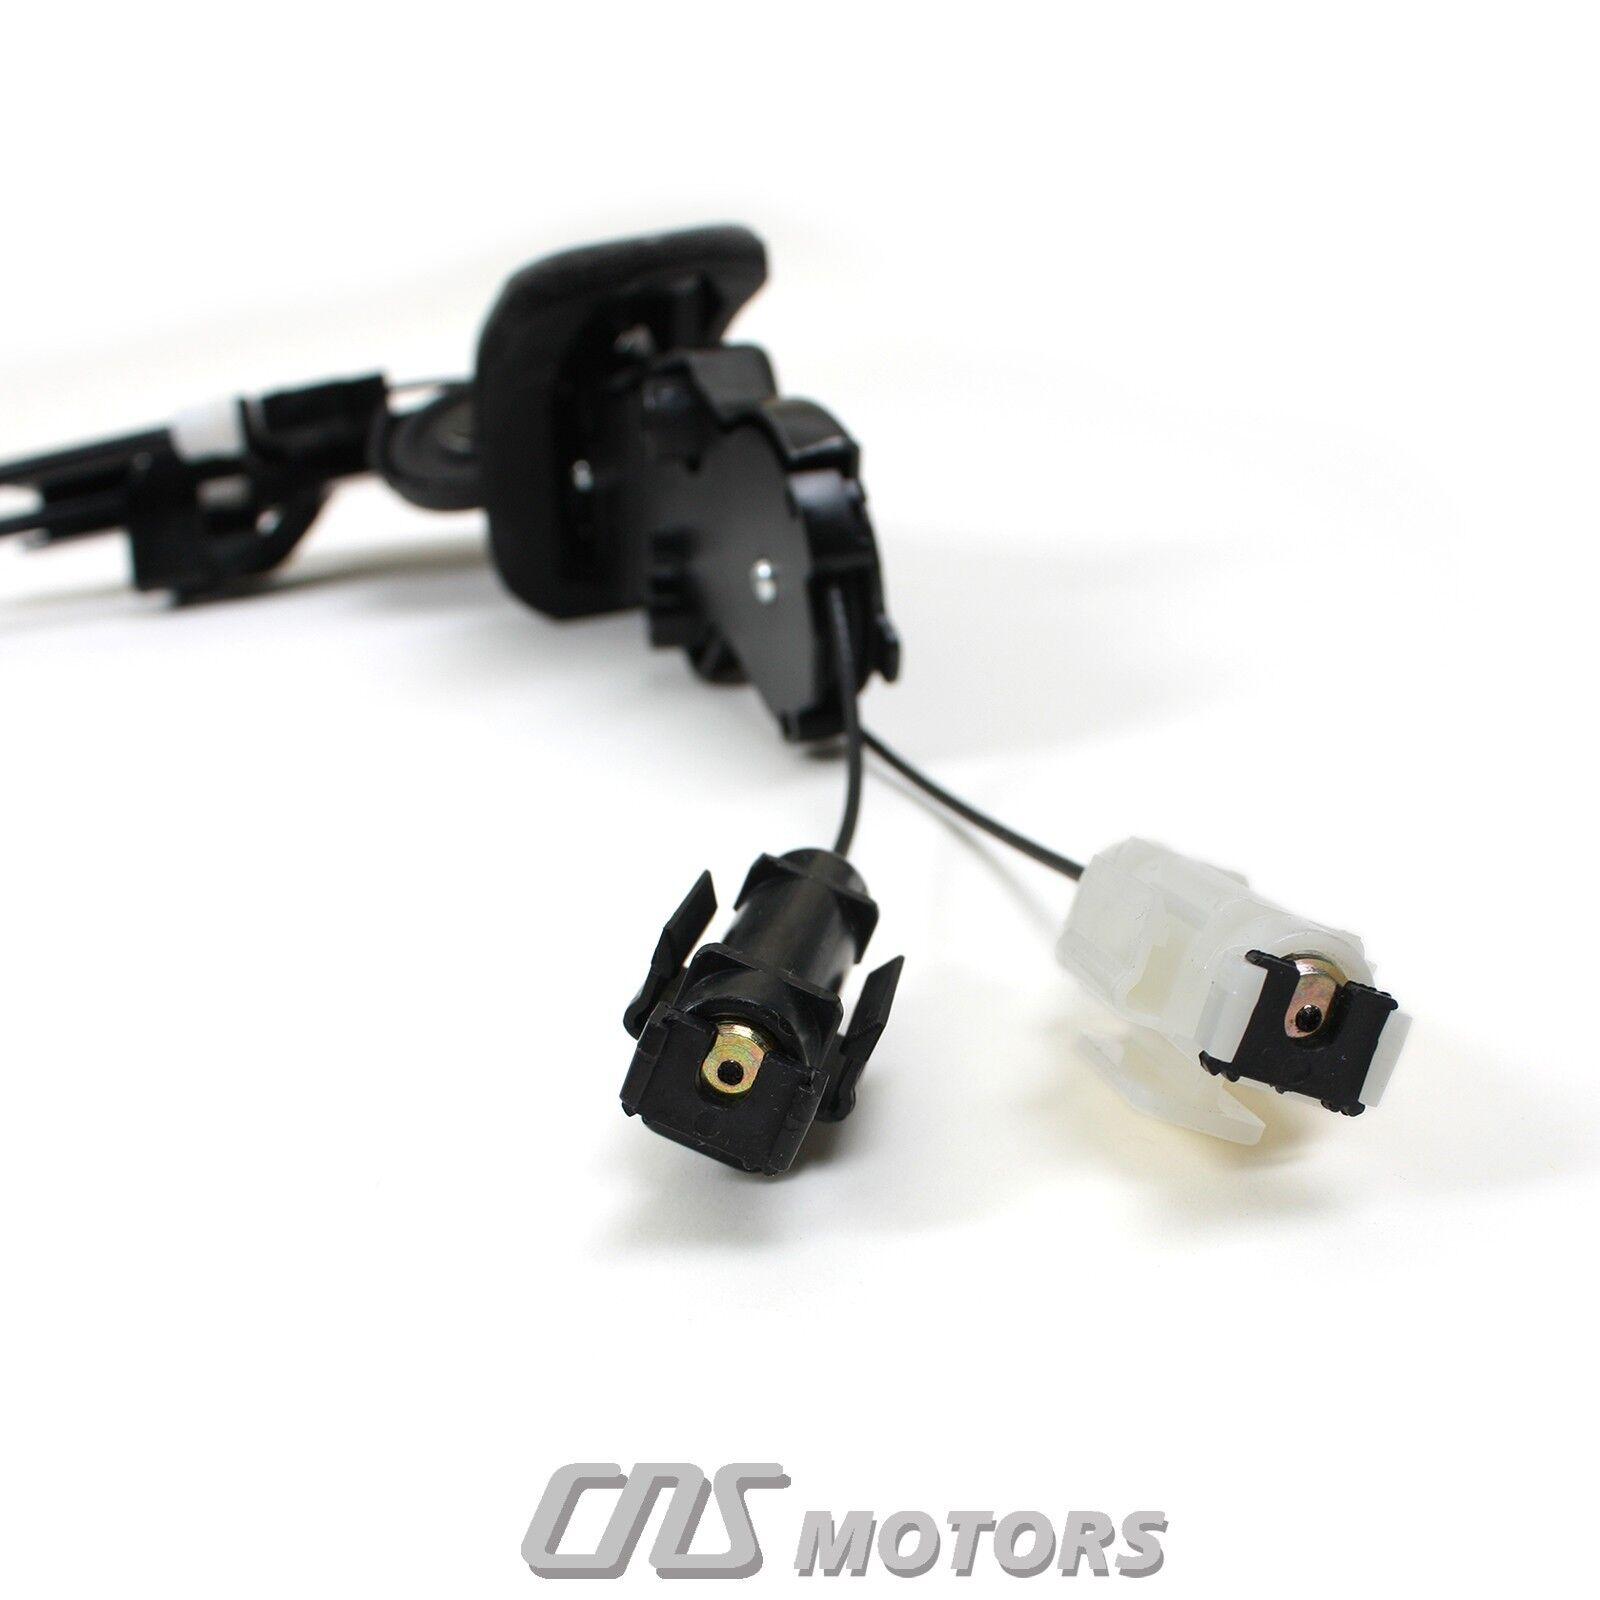 Power Sliding Door Cable Kit Driver Passenger Rh Lh For 04 10